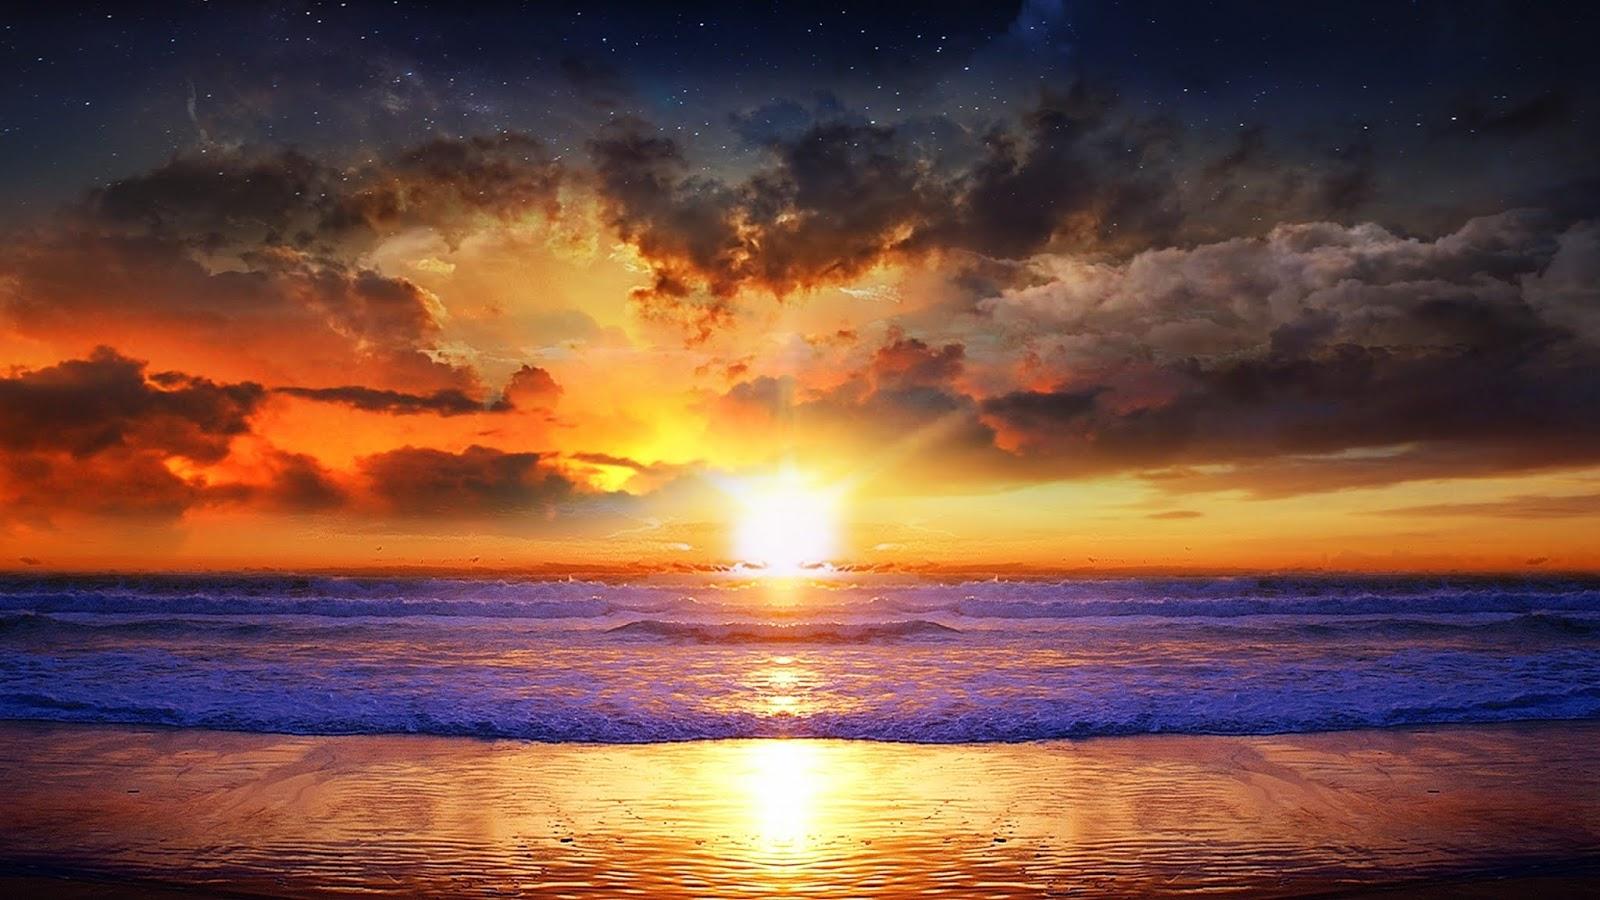 صور شروق الشمس وعبارات جميلة عن تلك اللحظة الساحرة